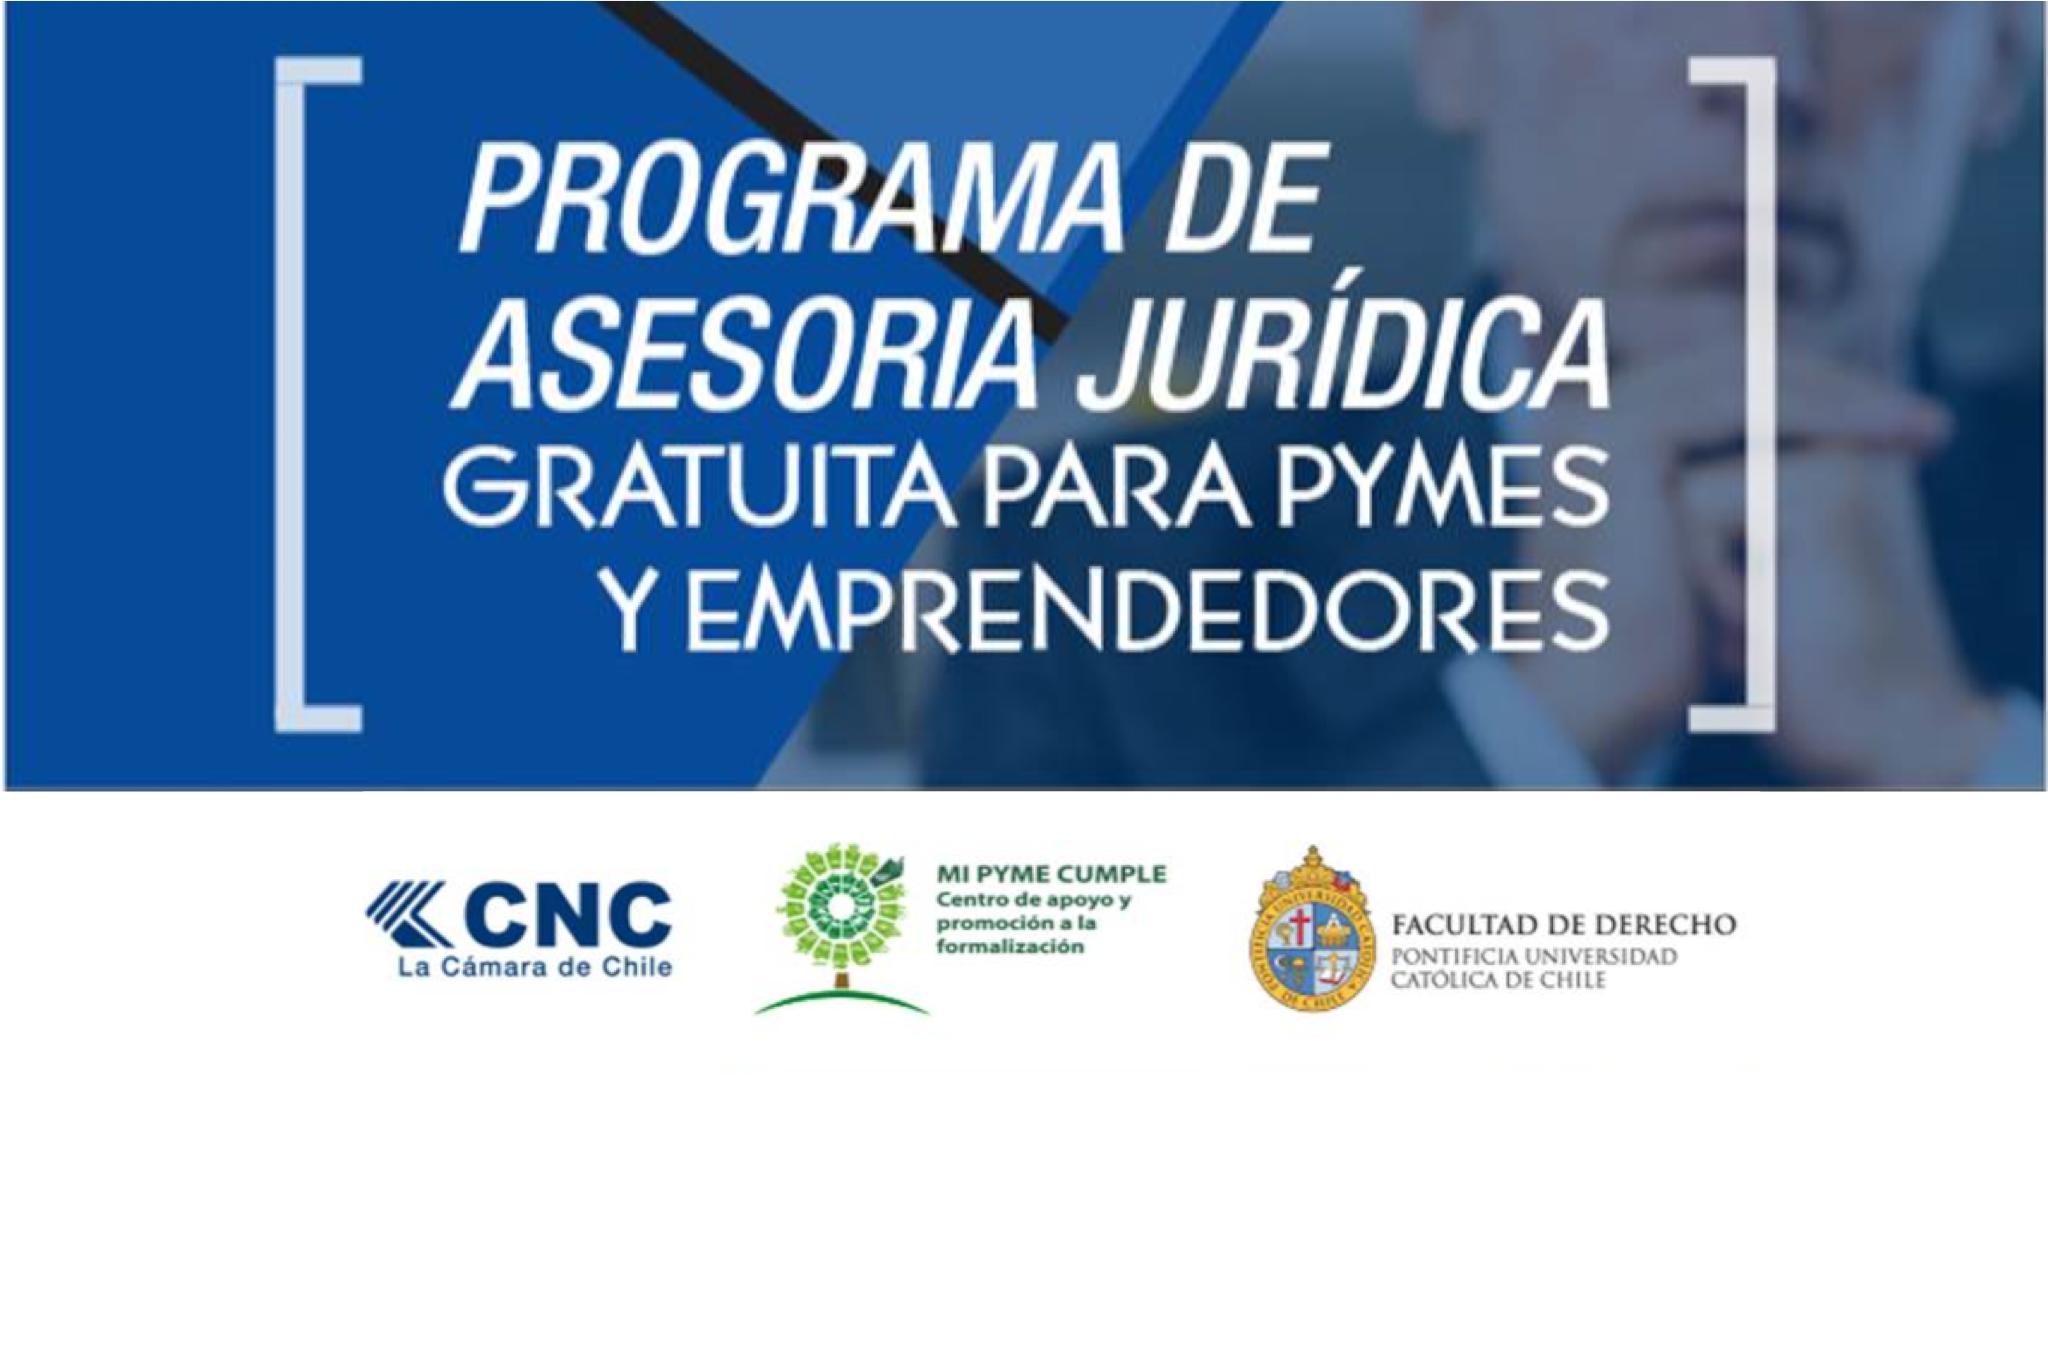 Asesoría Jurídica Gratuita para Pymes y Emprendedores